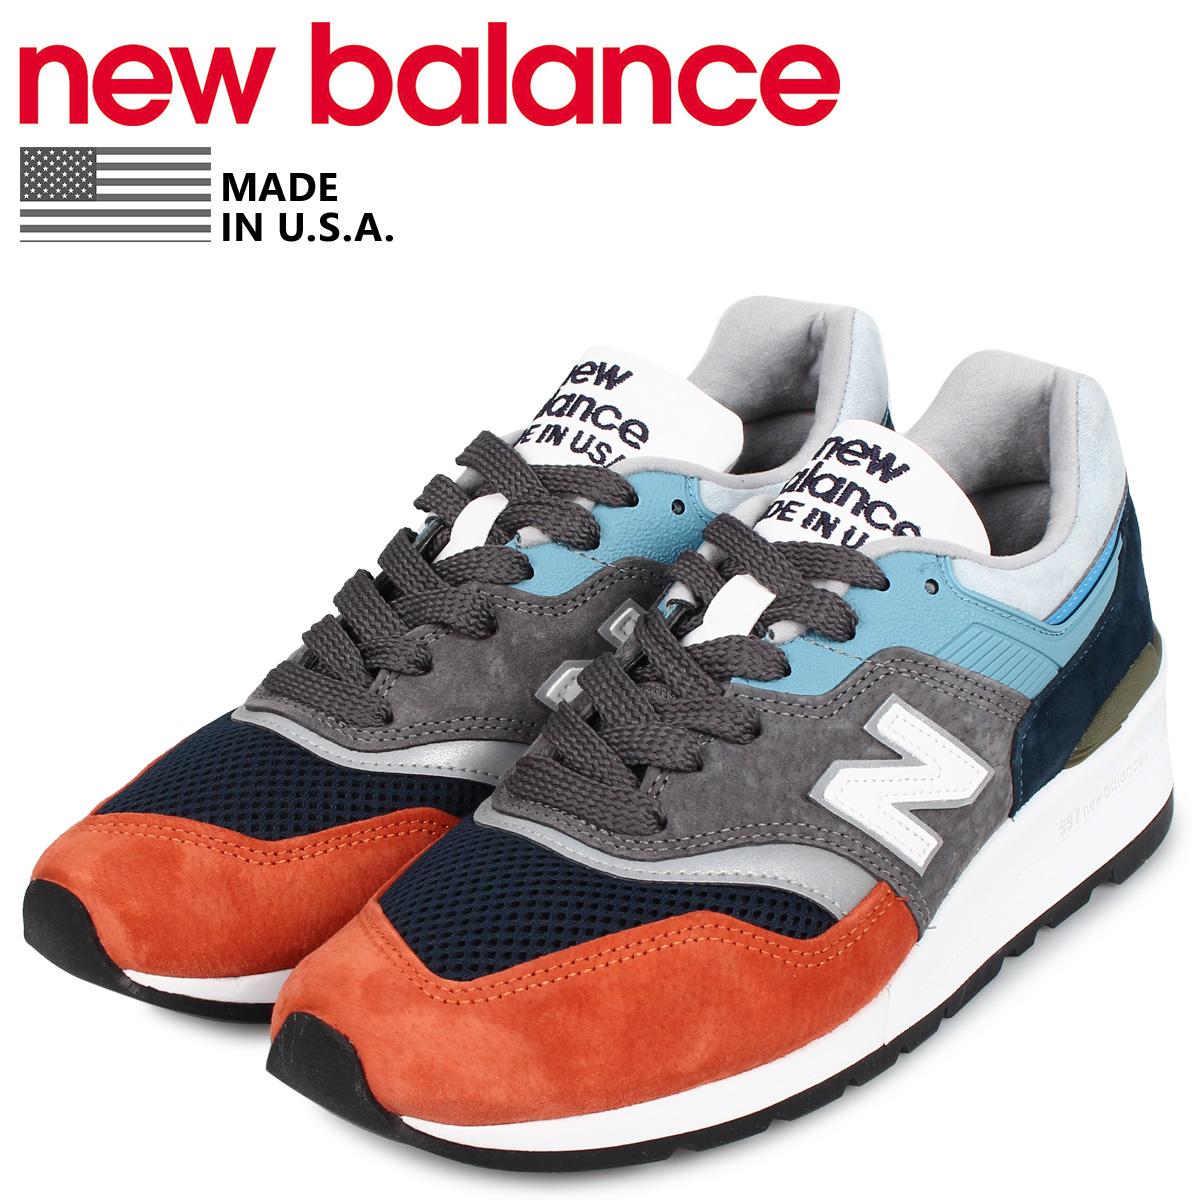 new balance ニューバランス 997 スニーカー メンズ ワイズ:D グレー M997NAG